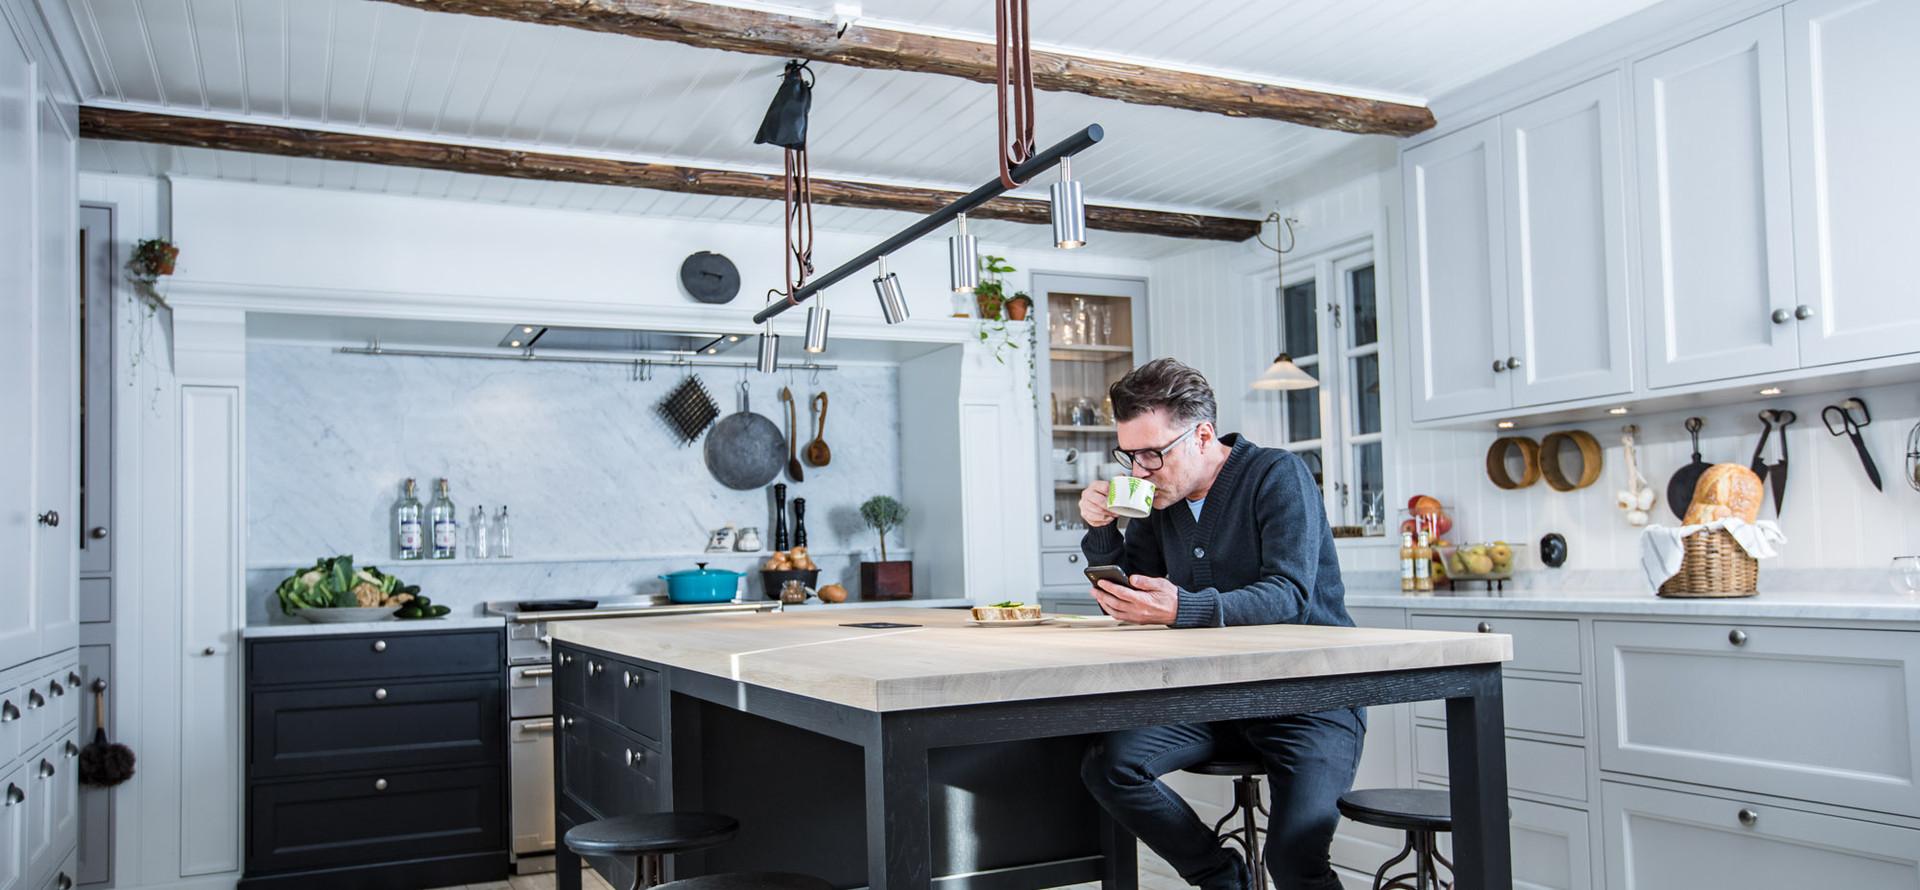 Pärla Lykkedal - Vi skapar inte bara möbler - Vi skapar värden